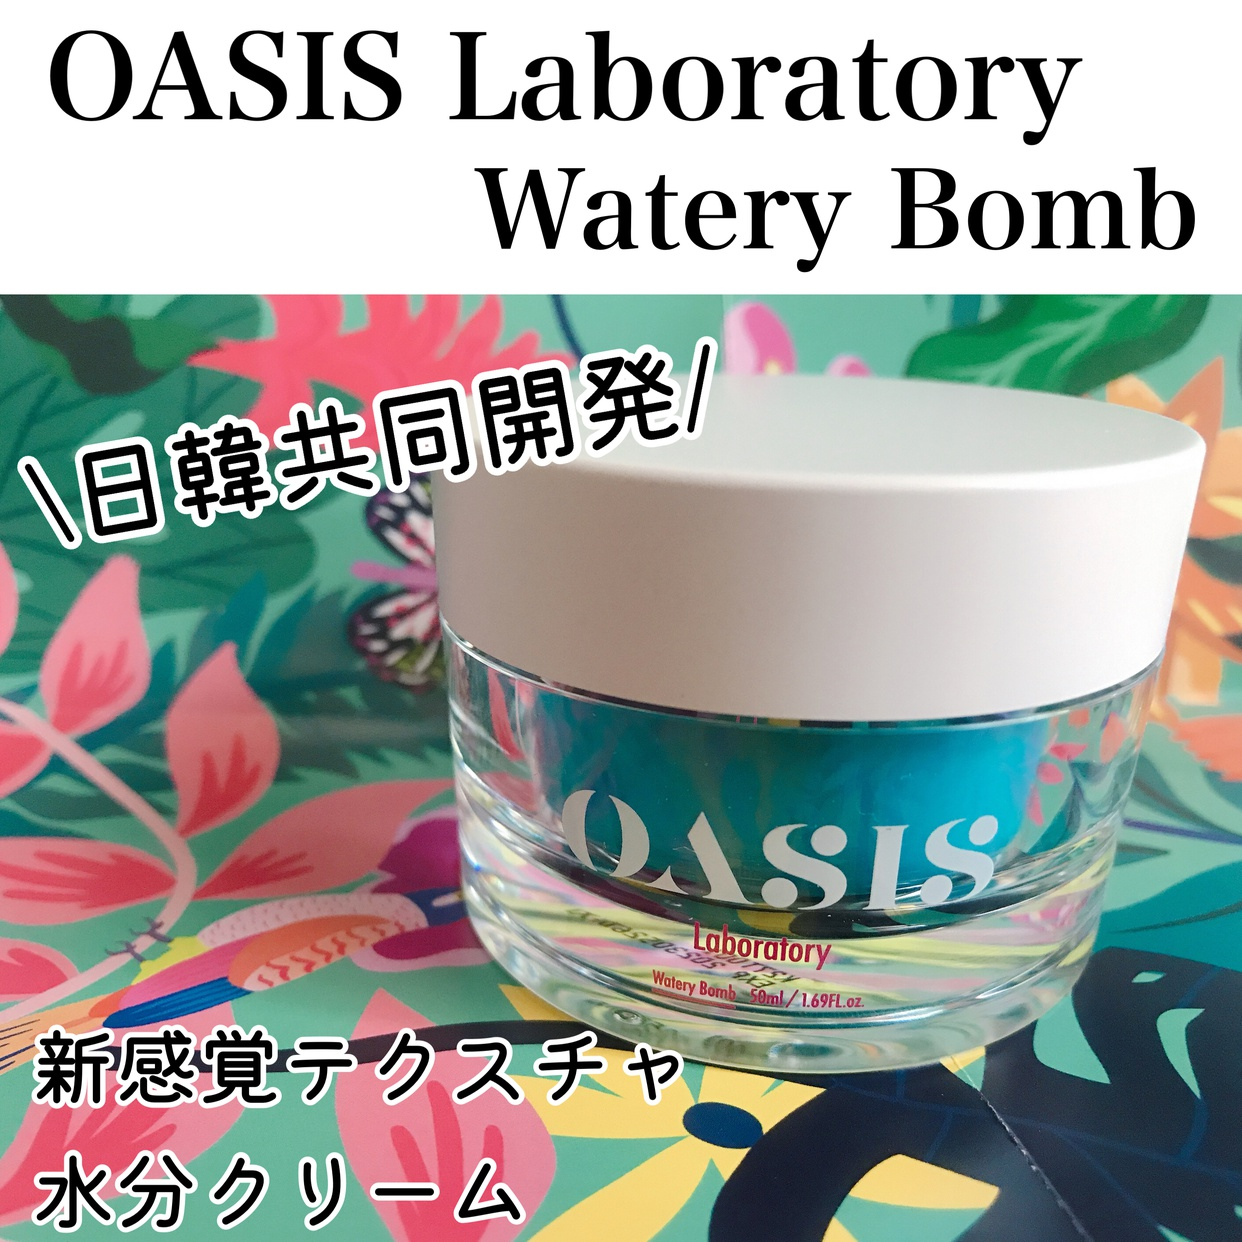 Oasis Laboratory(オアシスラボ) ウォータリーボムを使ったMarukoさんのクチコミ画像1